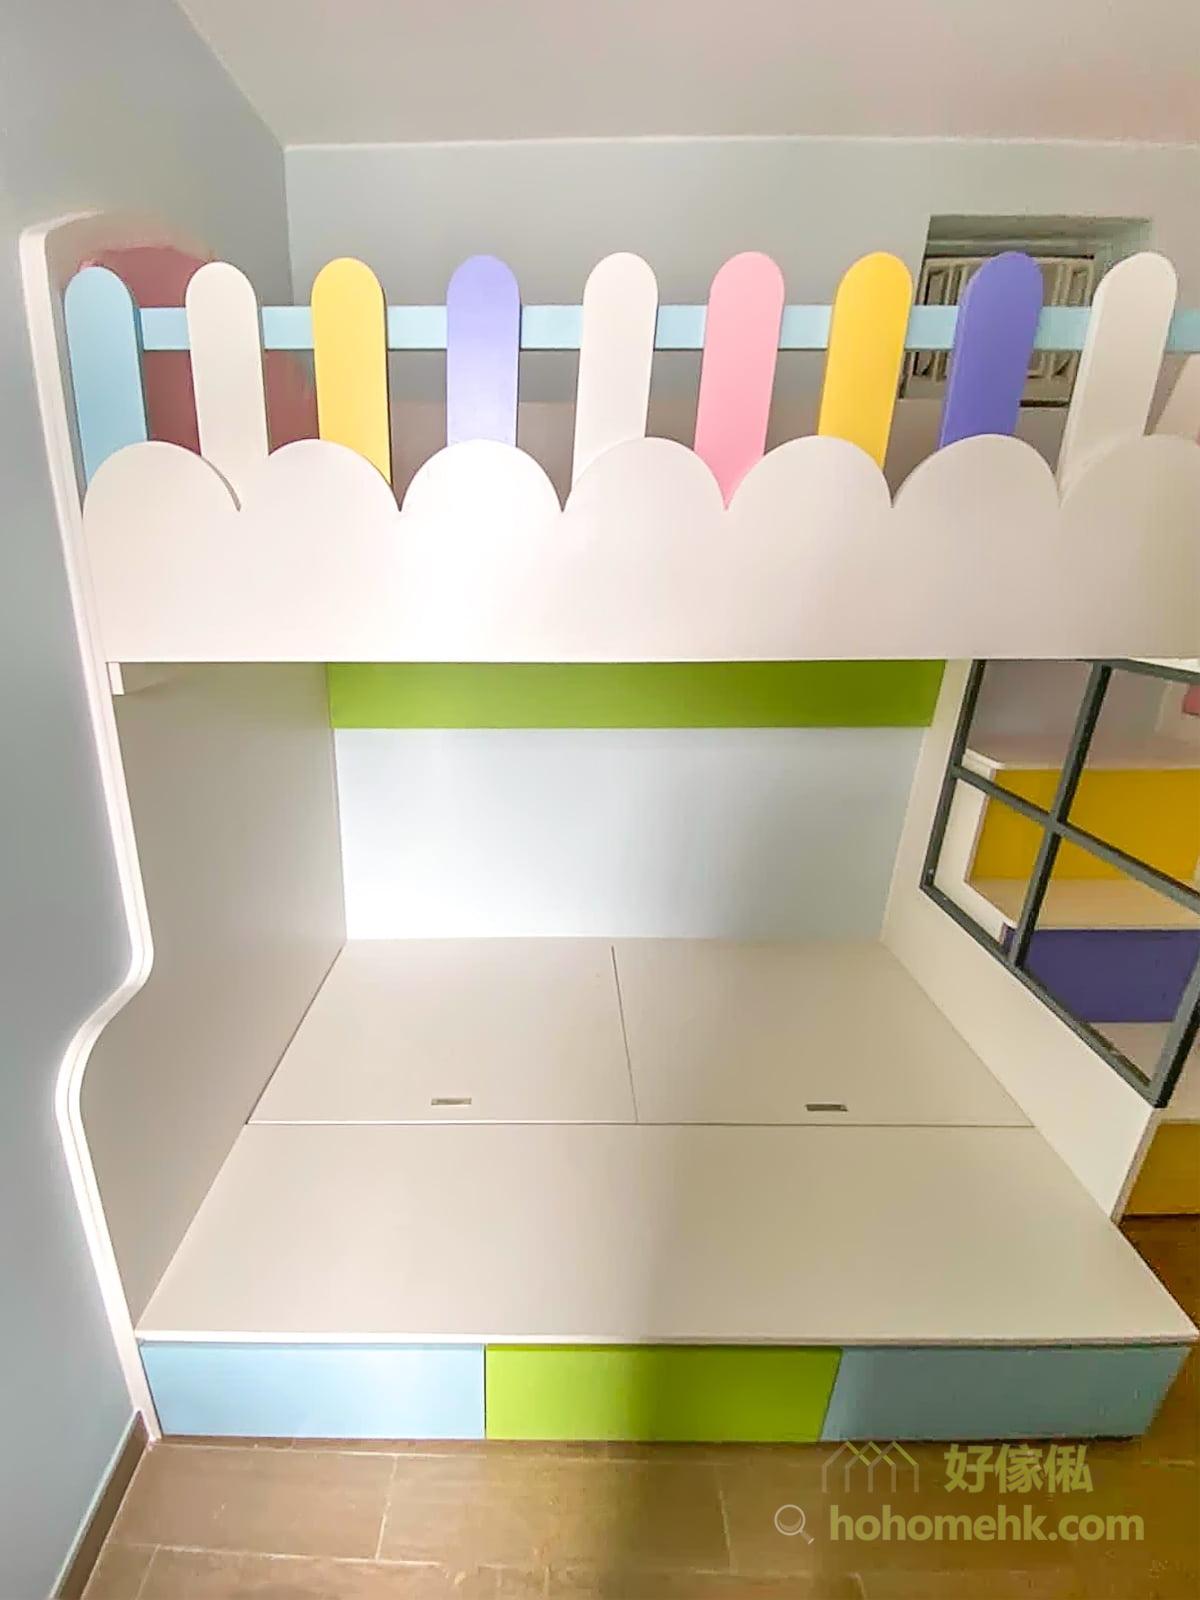 上格床的圍欄拼湊粉紅、粉藍、黃、白和紫色五種顏色,色彩繽紛之餘又不會過份鮮豔搶眼,維持睡房的溫馨舒適